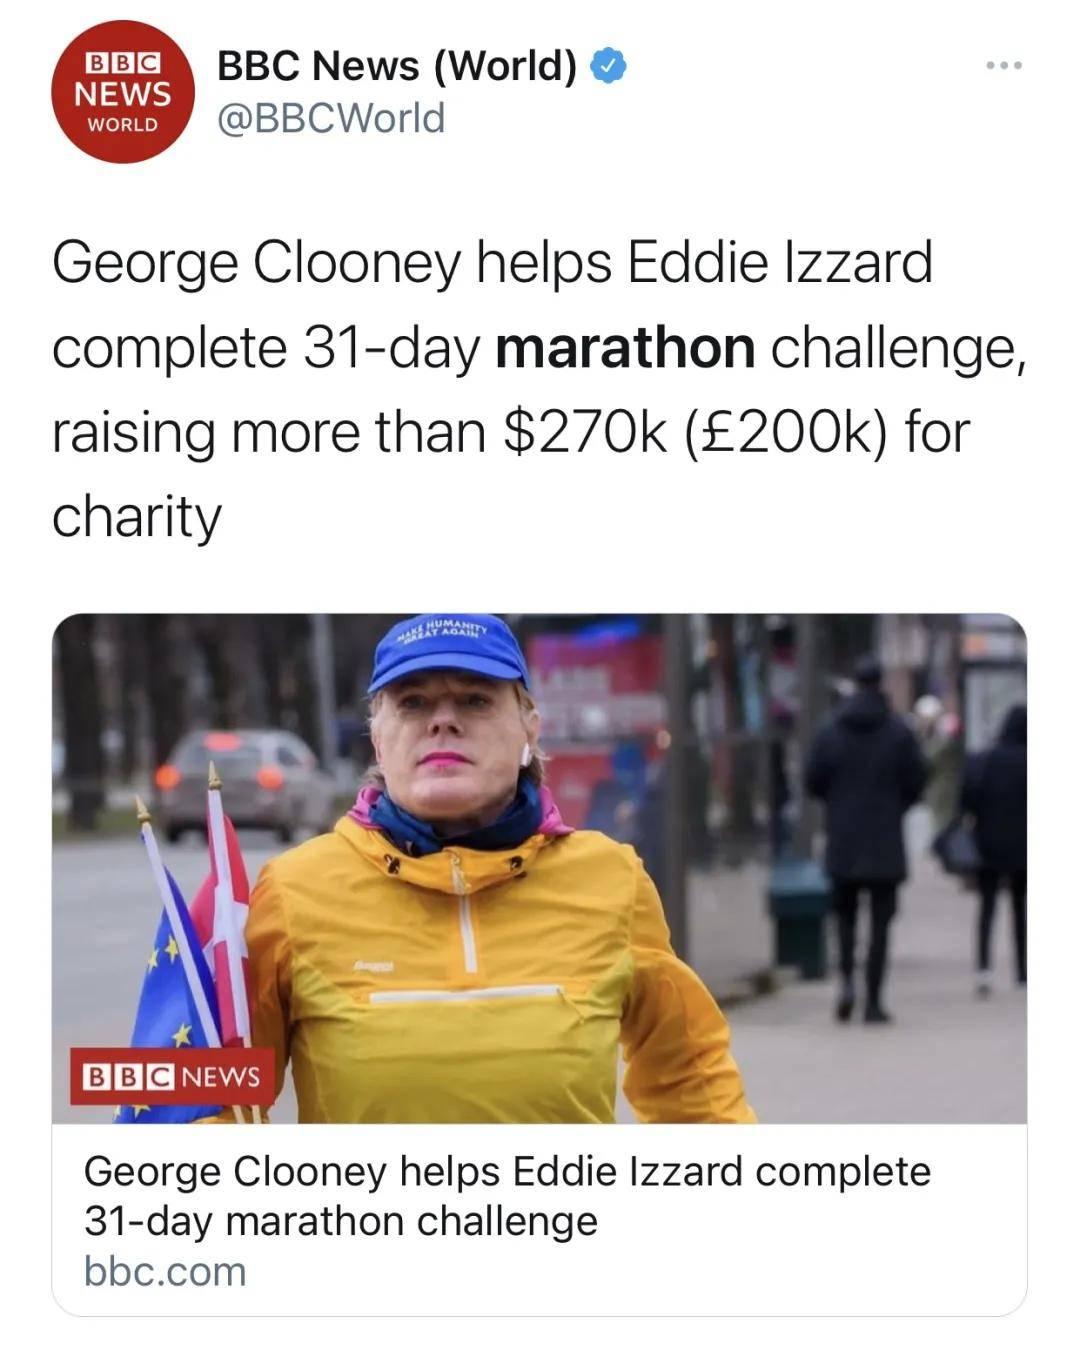 一位58岁的非职业运动员 31天跑了31场马拉松_Eddie